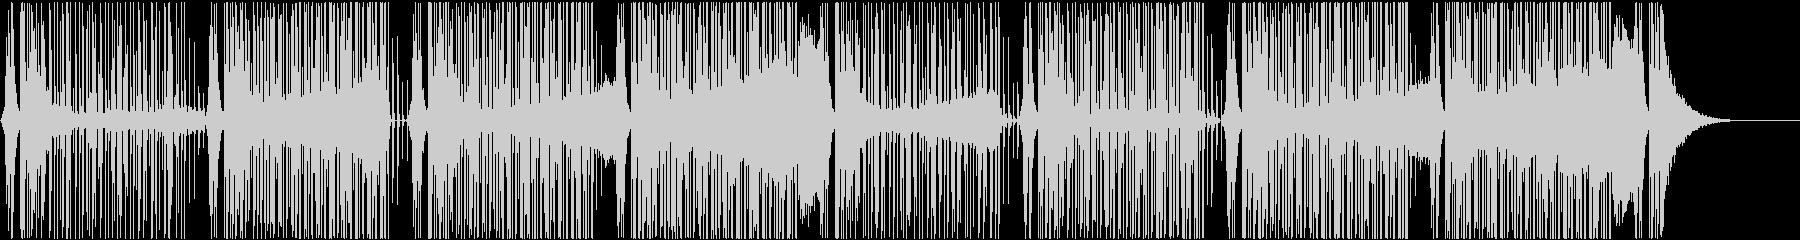 パーカッションと四つ打ちのクールなBGMの未再生の波形